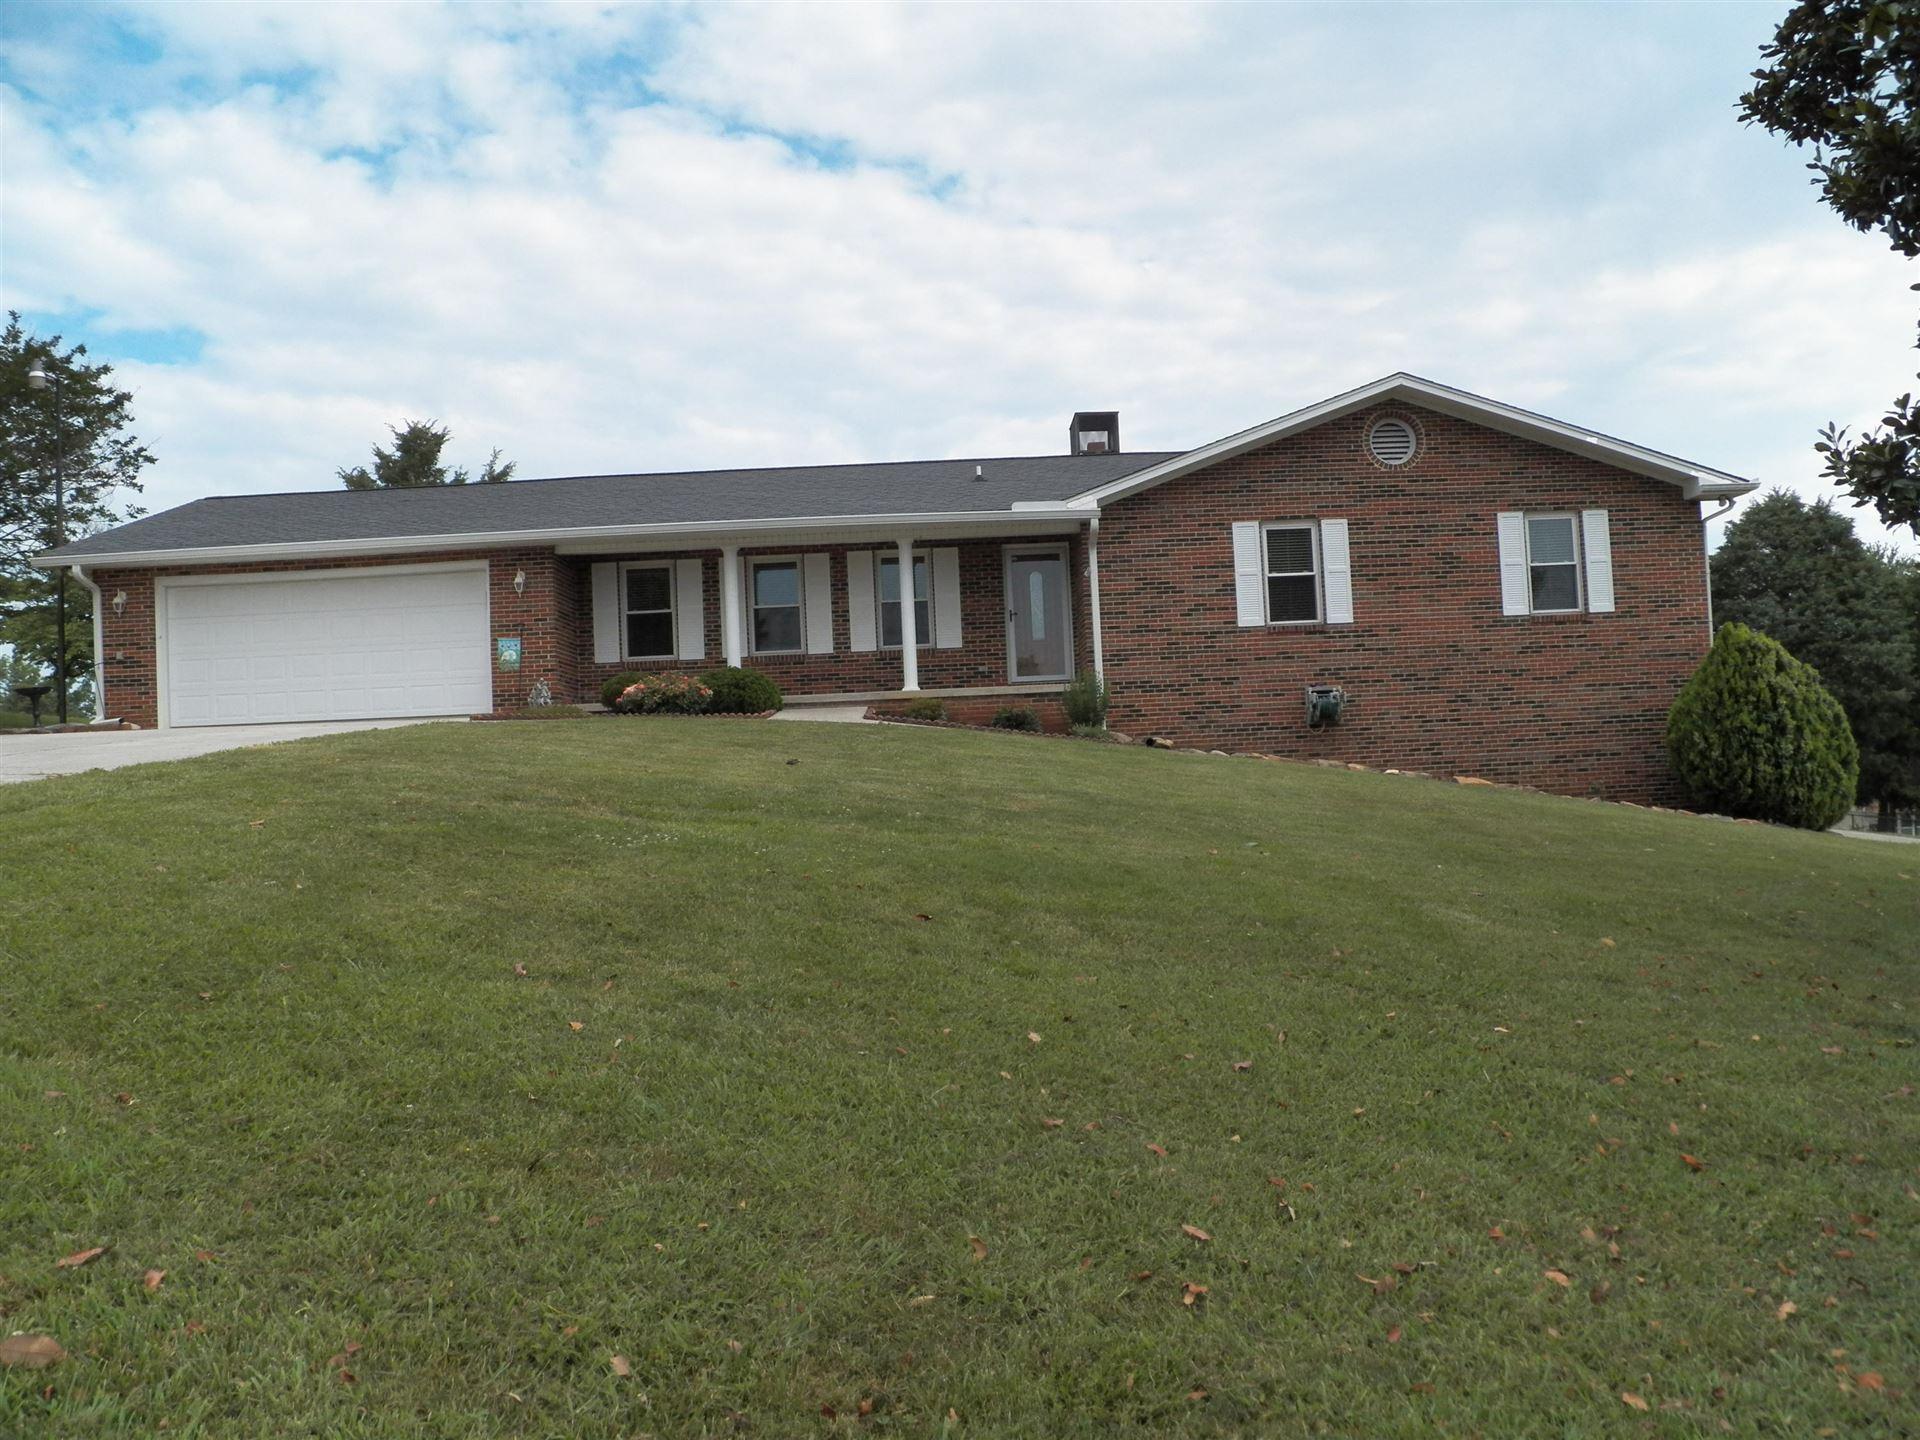 Photo of 848 Montcrest Drive, Lenoir City, TN 37771 (MLS # 1120650)